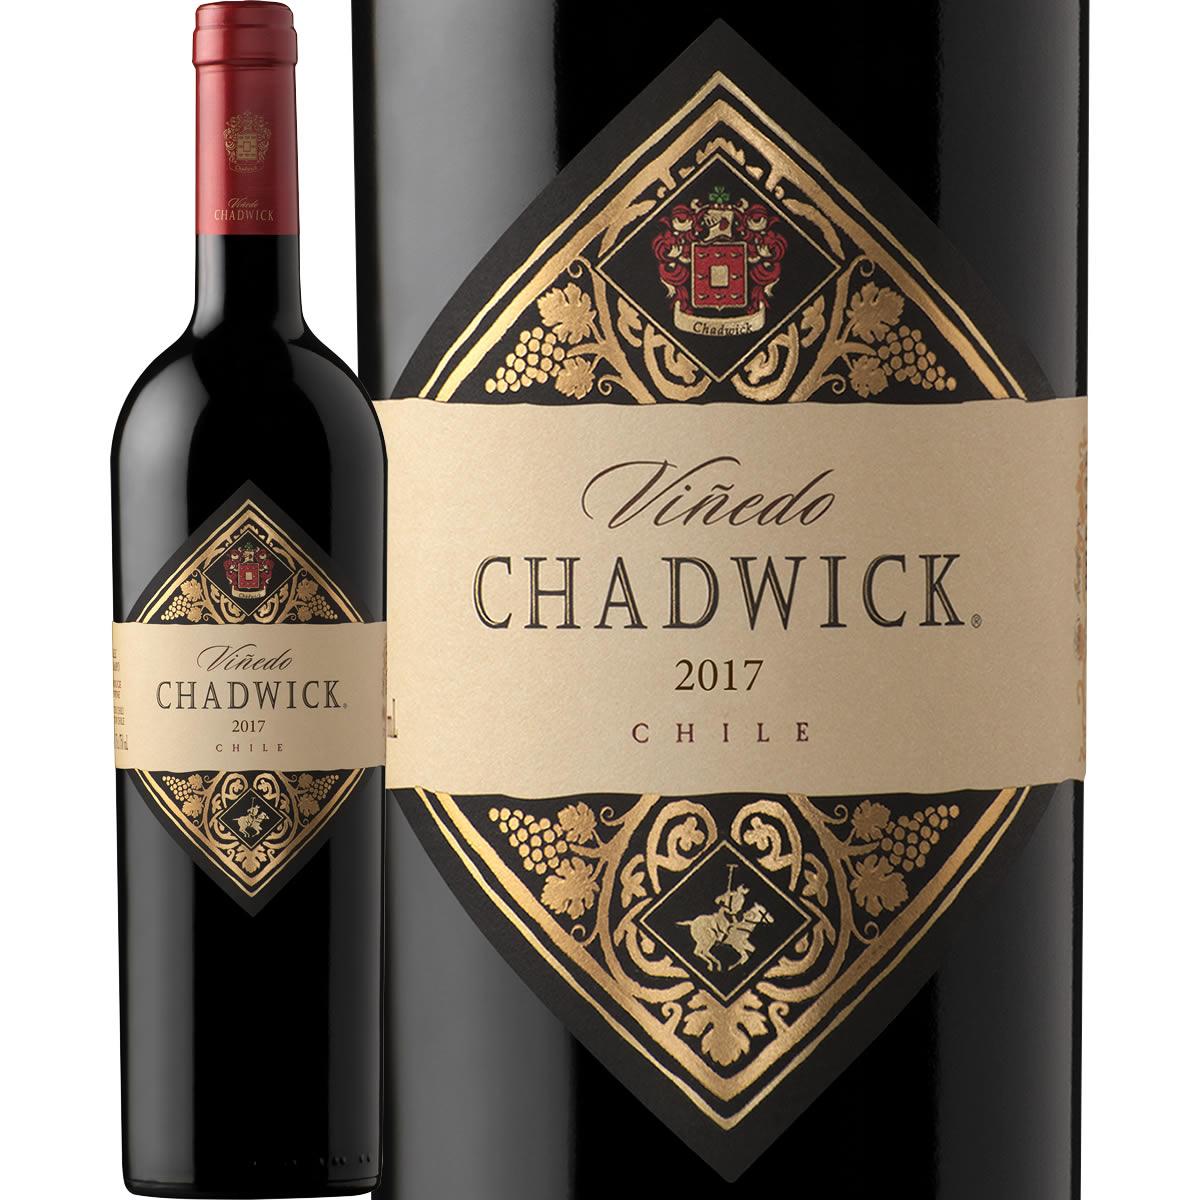 ヴィニエド・チャドウィック2017チリ 赤ワイン 750ml フルボディ 辛口 Vinedo Chadwick 100点